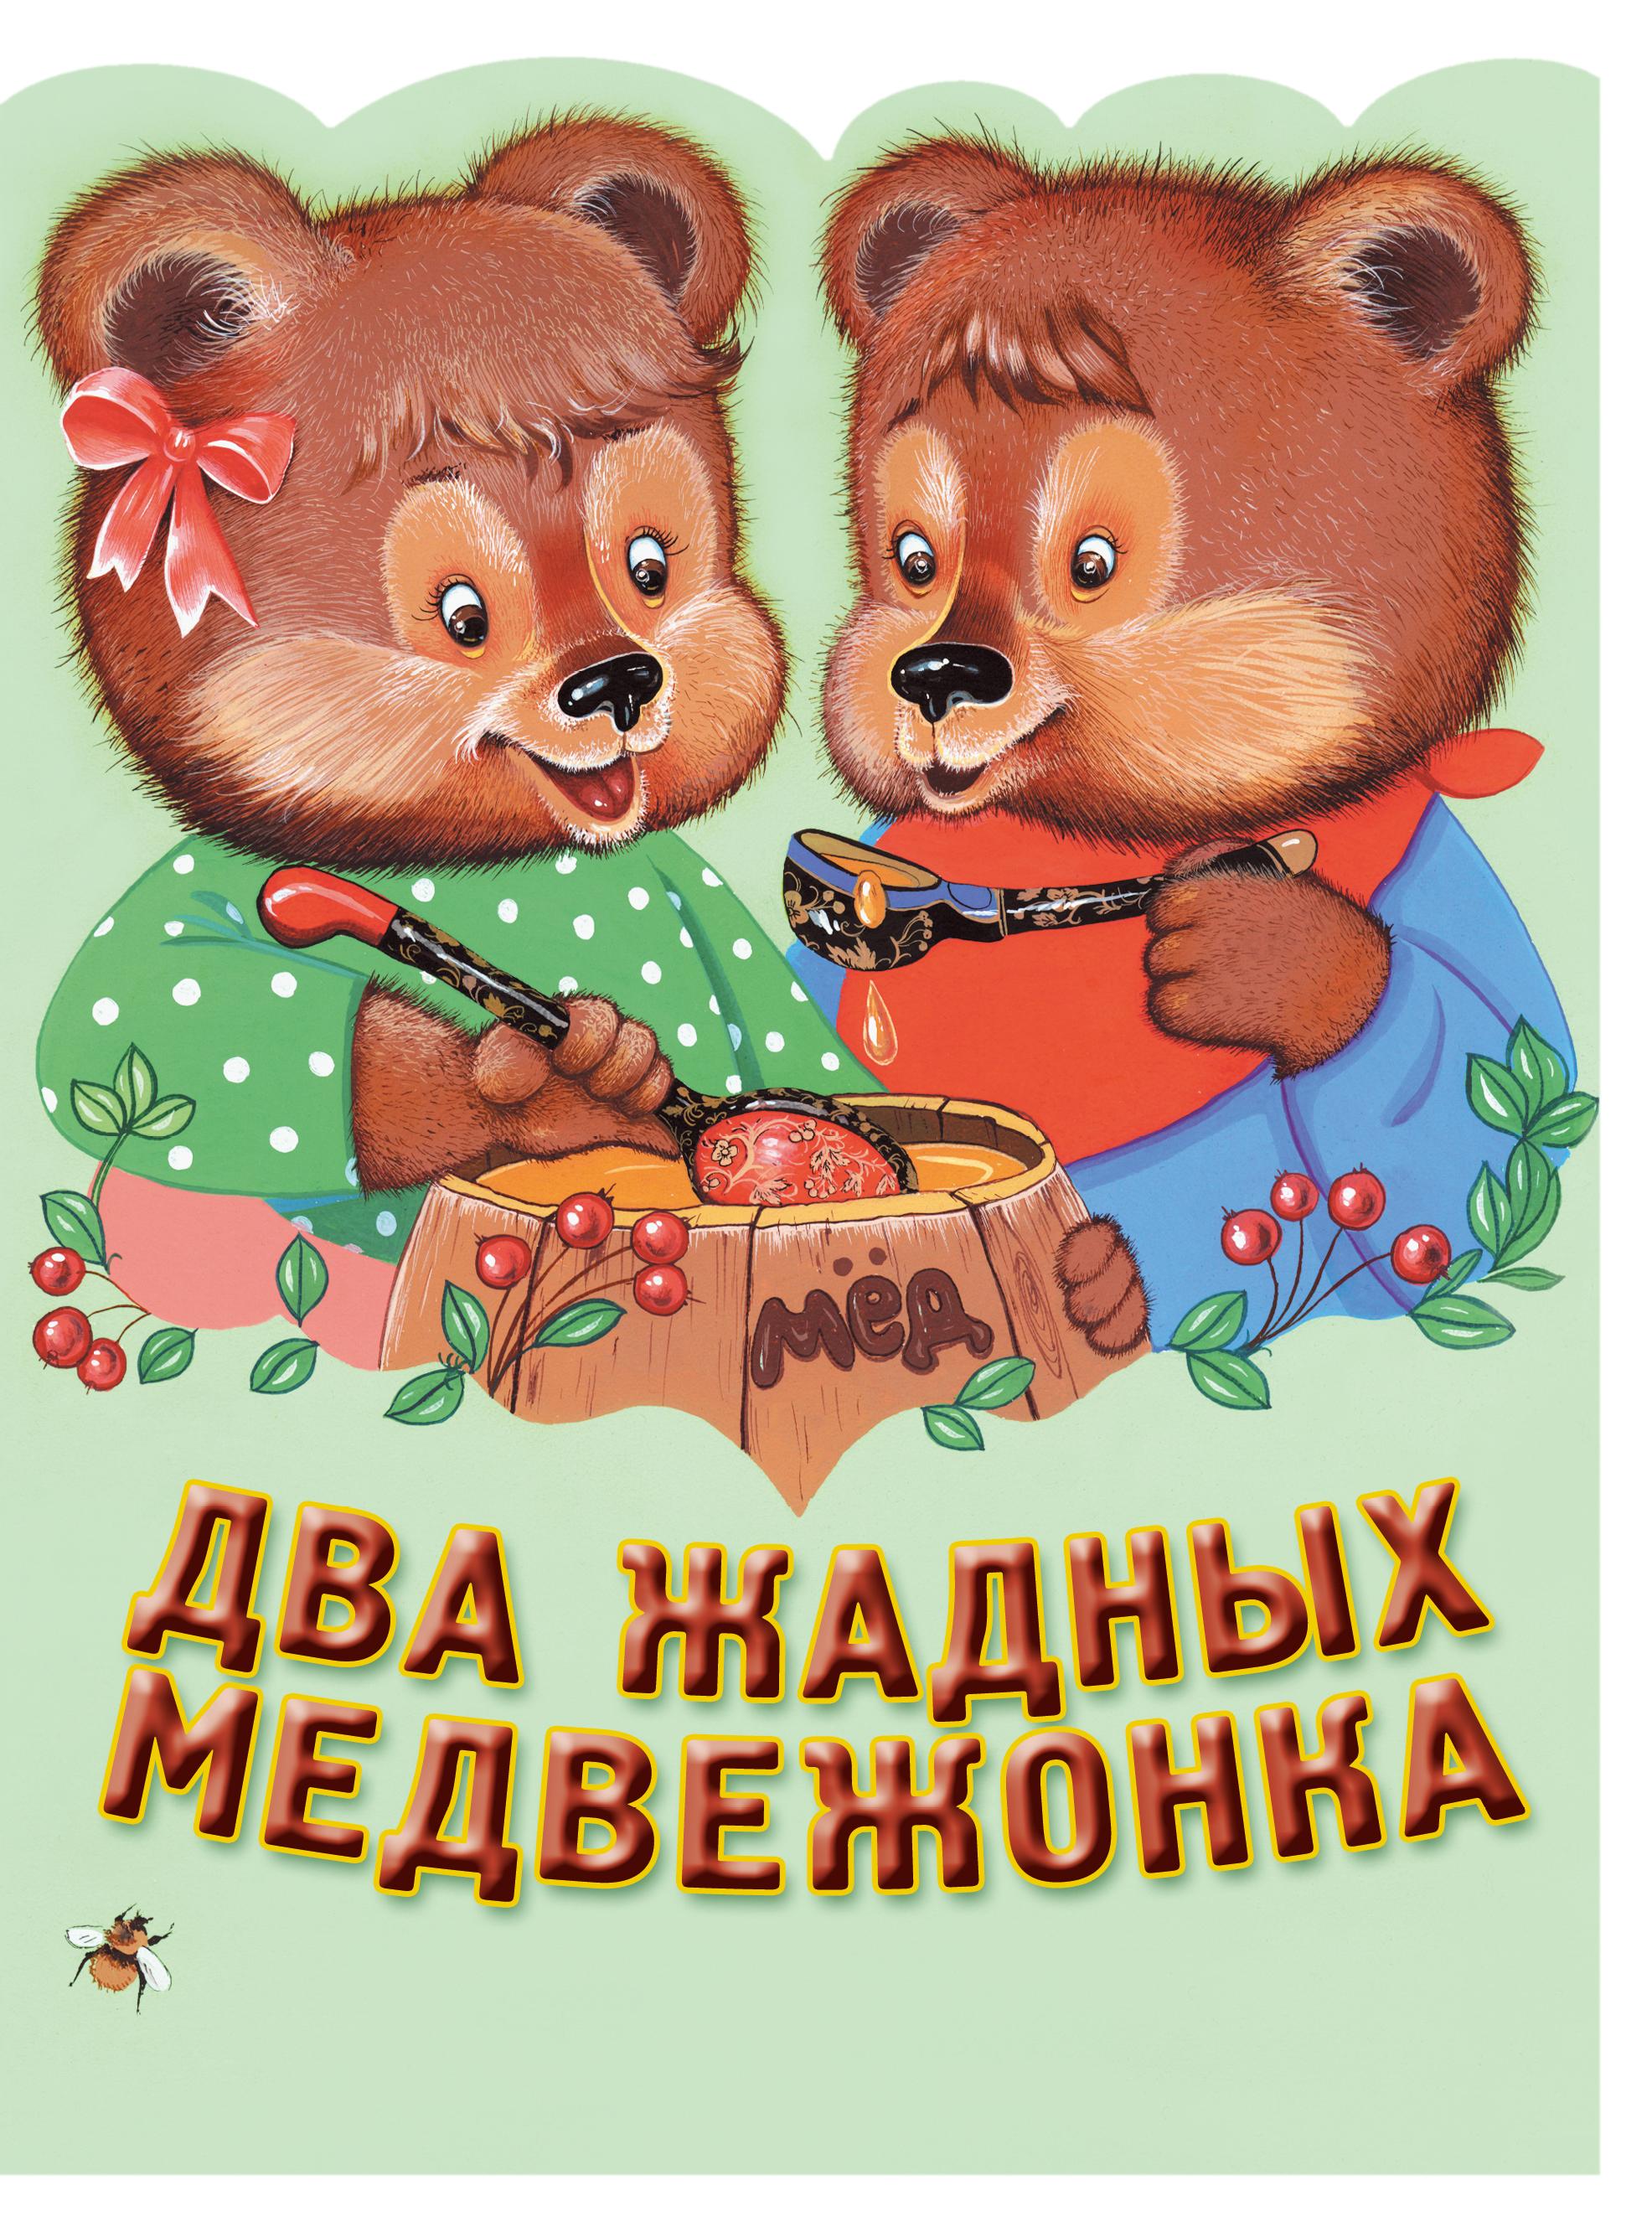 Два жадных медвежонка. Венгерская народная сказка турков в пересказ два жадных медвежонка венгерская народная сказка